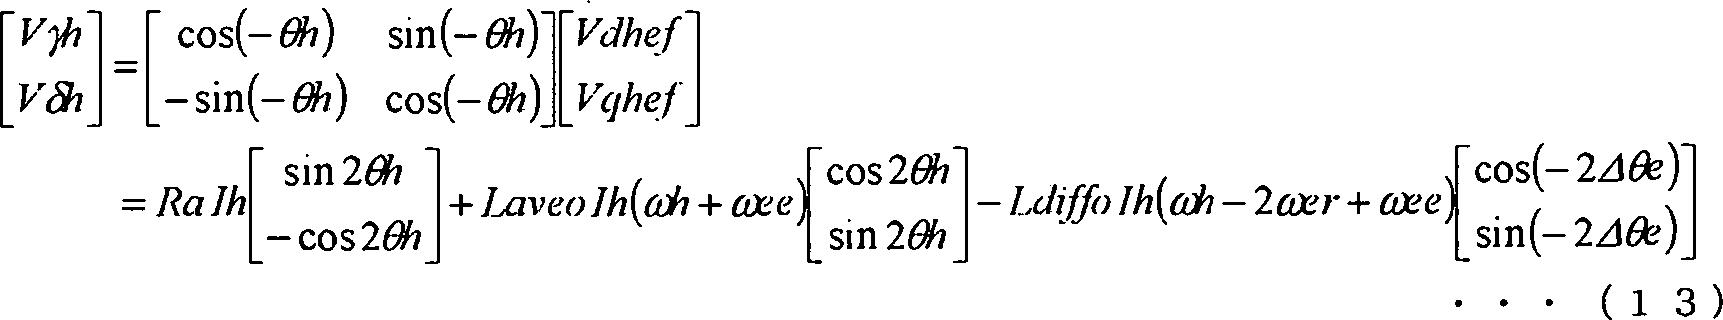 Figure DE112012003234T5_0010